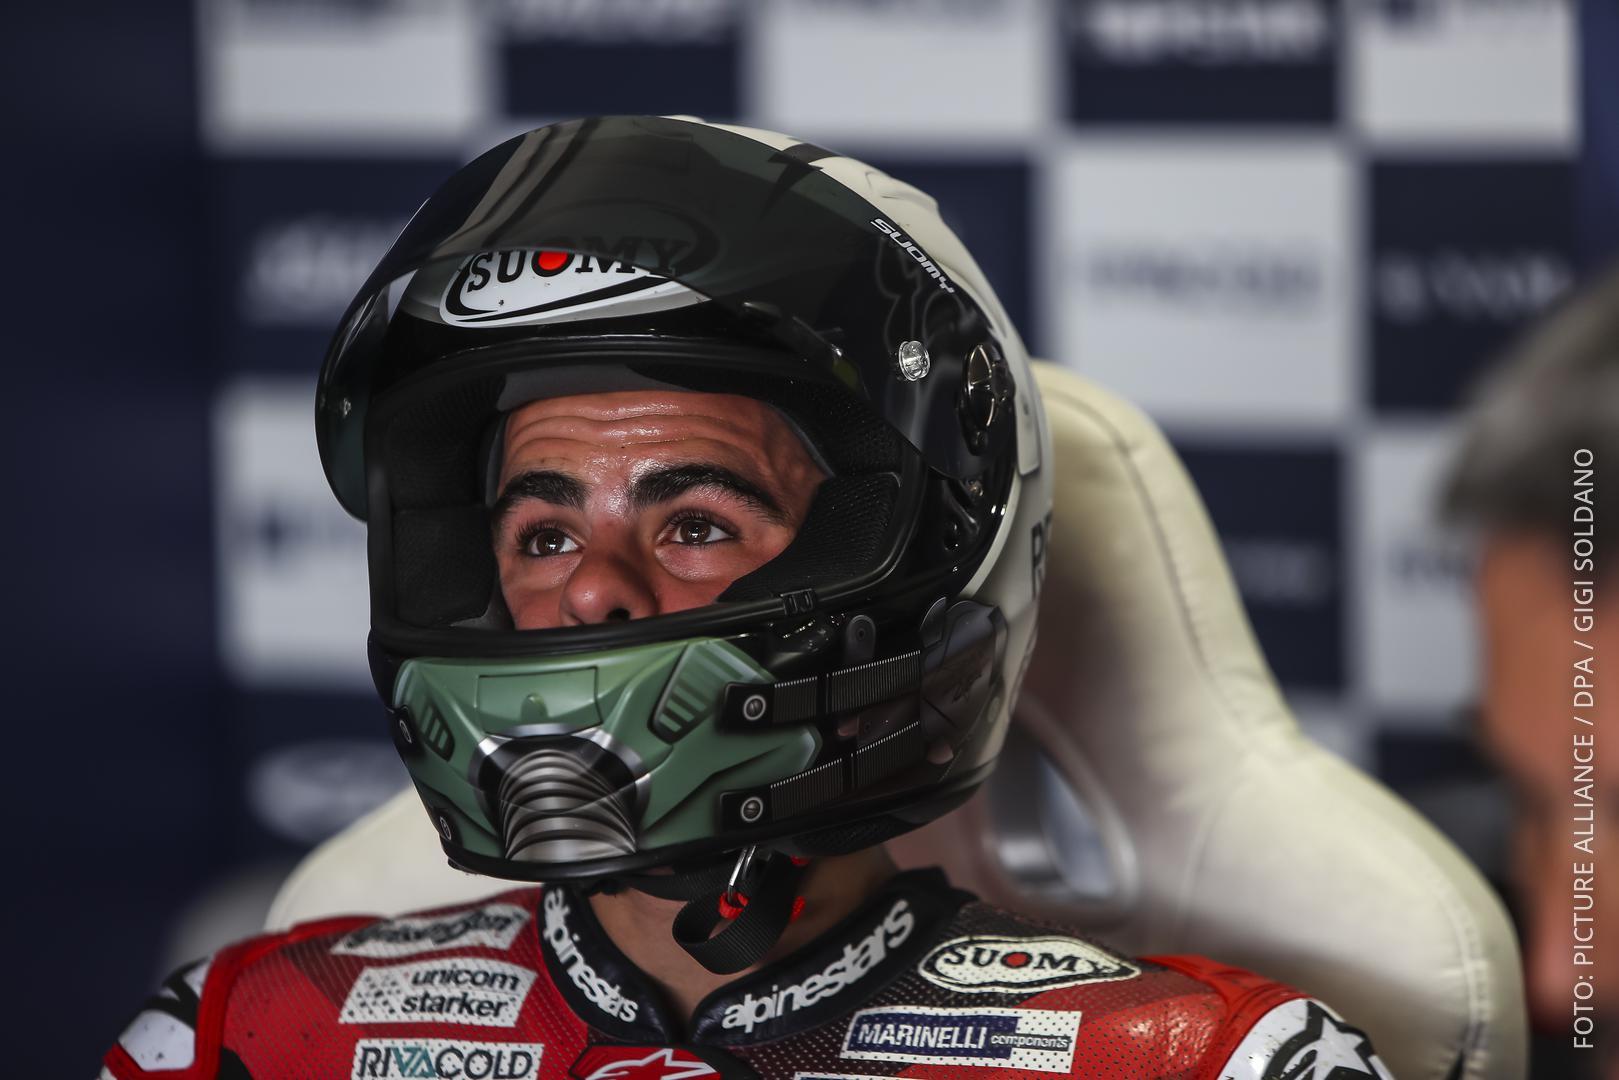 Der italienische Motorrad-Rennfahrer Romano Fenati